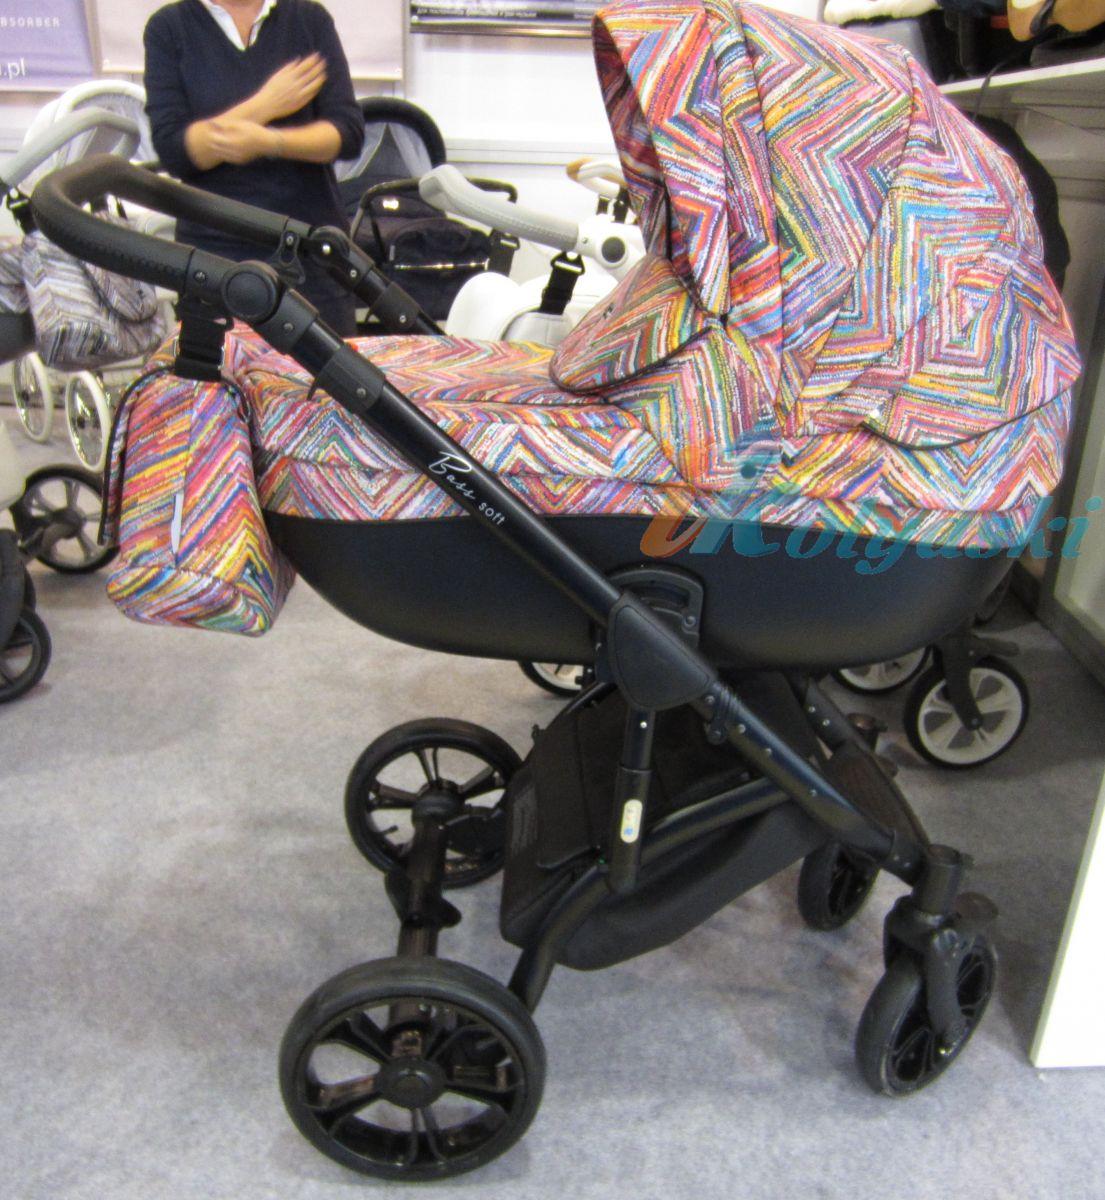 Детская коляска для новорожденных Roan Bass Soft LE, коляска 3 в 1, Роан Басс Софт 3 в 1, купить коляску 3 в 1, модные коляски 3 в 1, лучшие коляски 3 в 1, коляски для новорожденных 3 в 1, коляска на поворотных колесах, Roan Bass Soft, роан басс софт купить, роан басс софт 3 в 1 купить, roan bass soft 3 в 1 купить, Roan Bass Soft , Roan Bass Soft Print 1